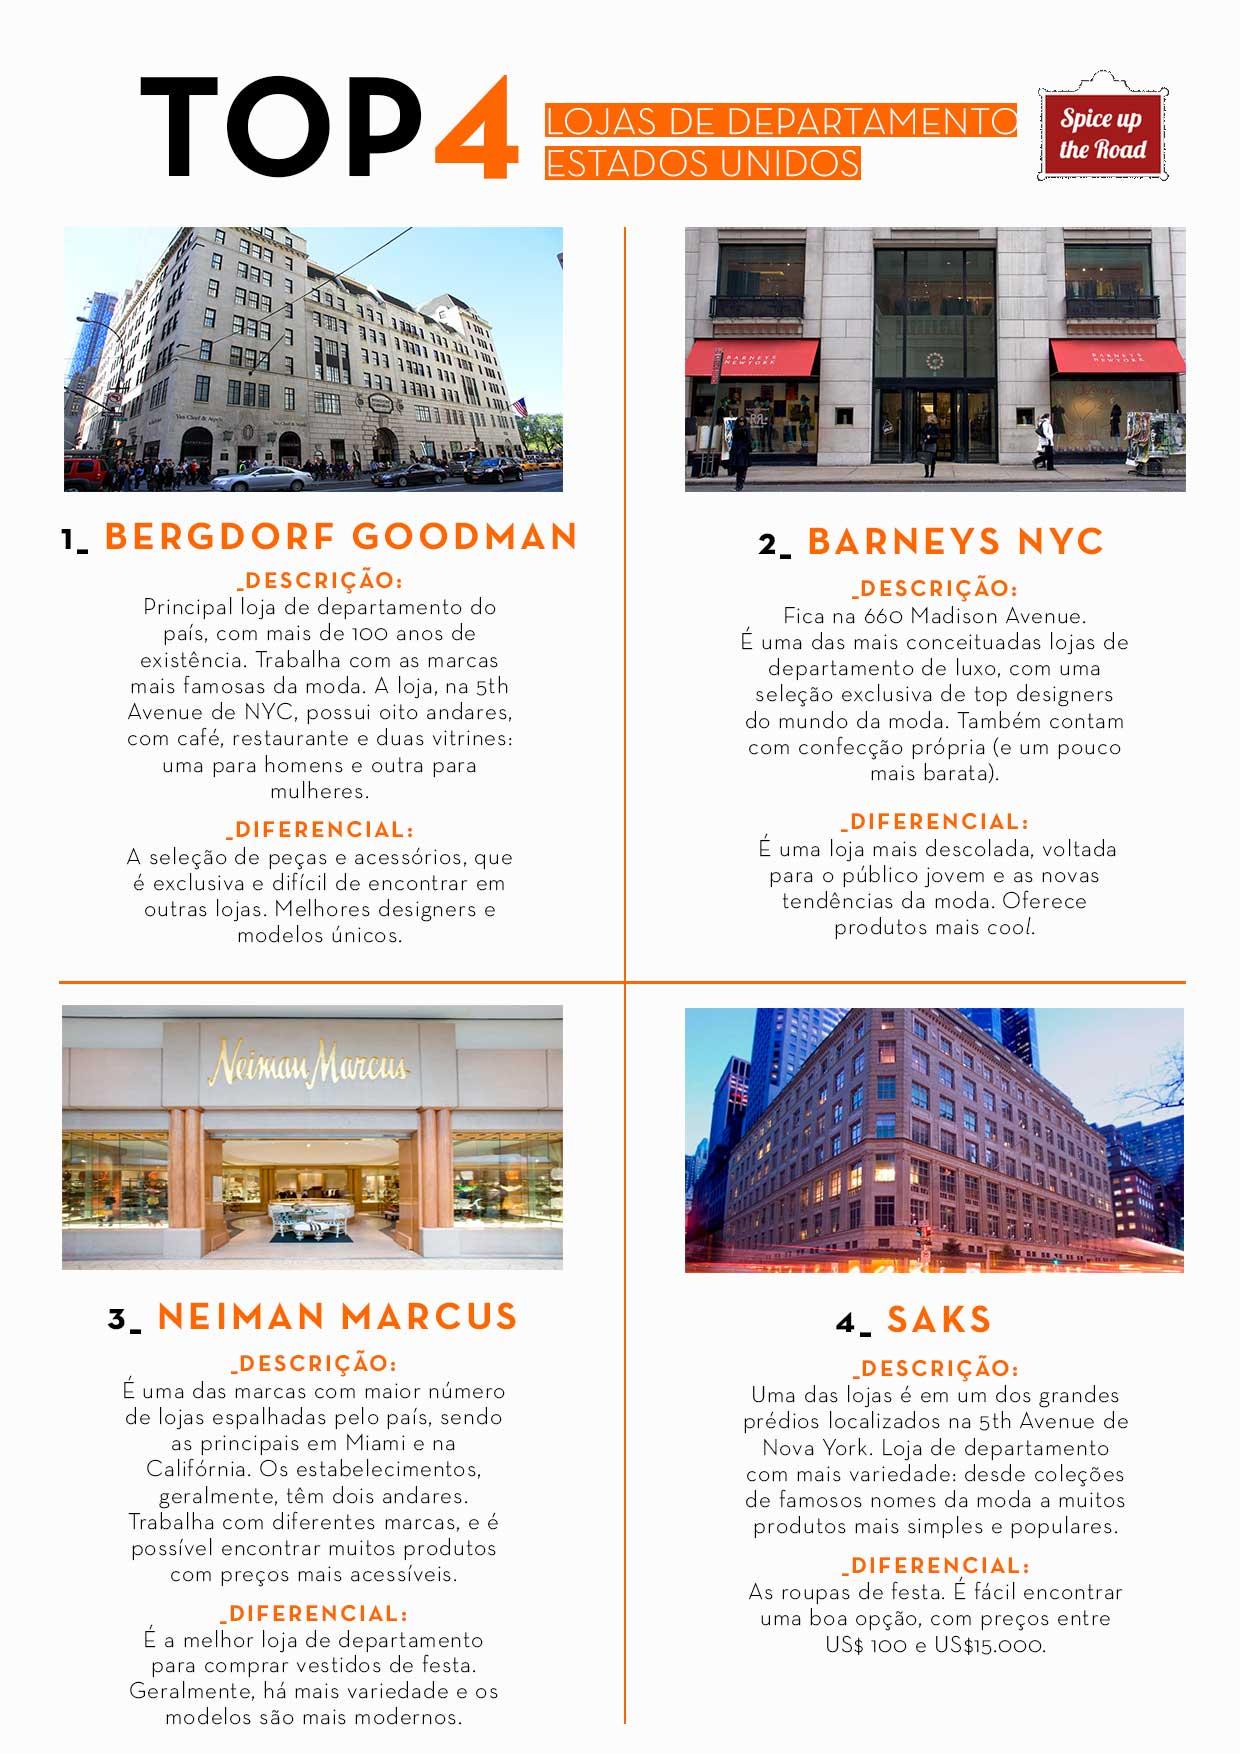 top4-lojas-de-departamento-EUA